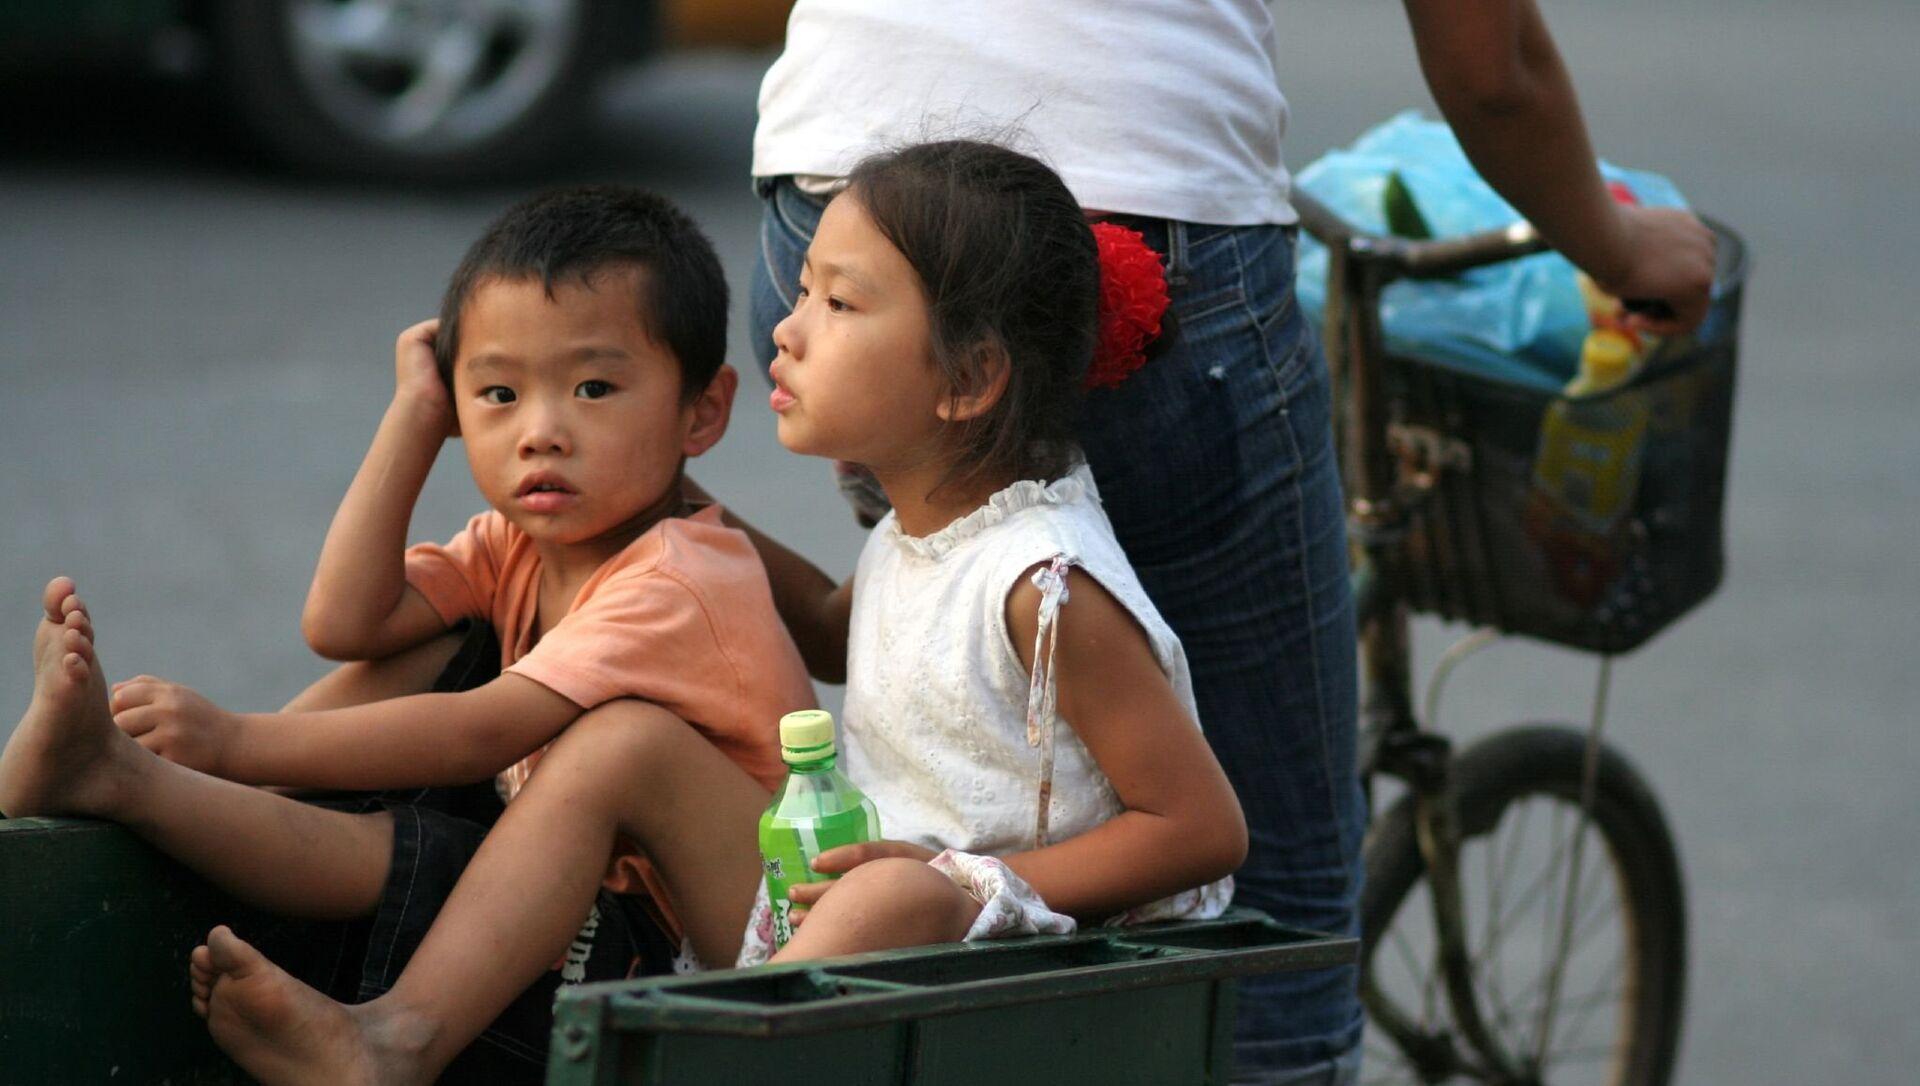 子供たち - Sputnik 日本, 1920, 11.06.2021